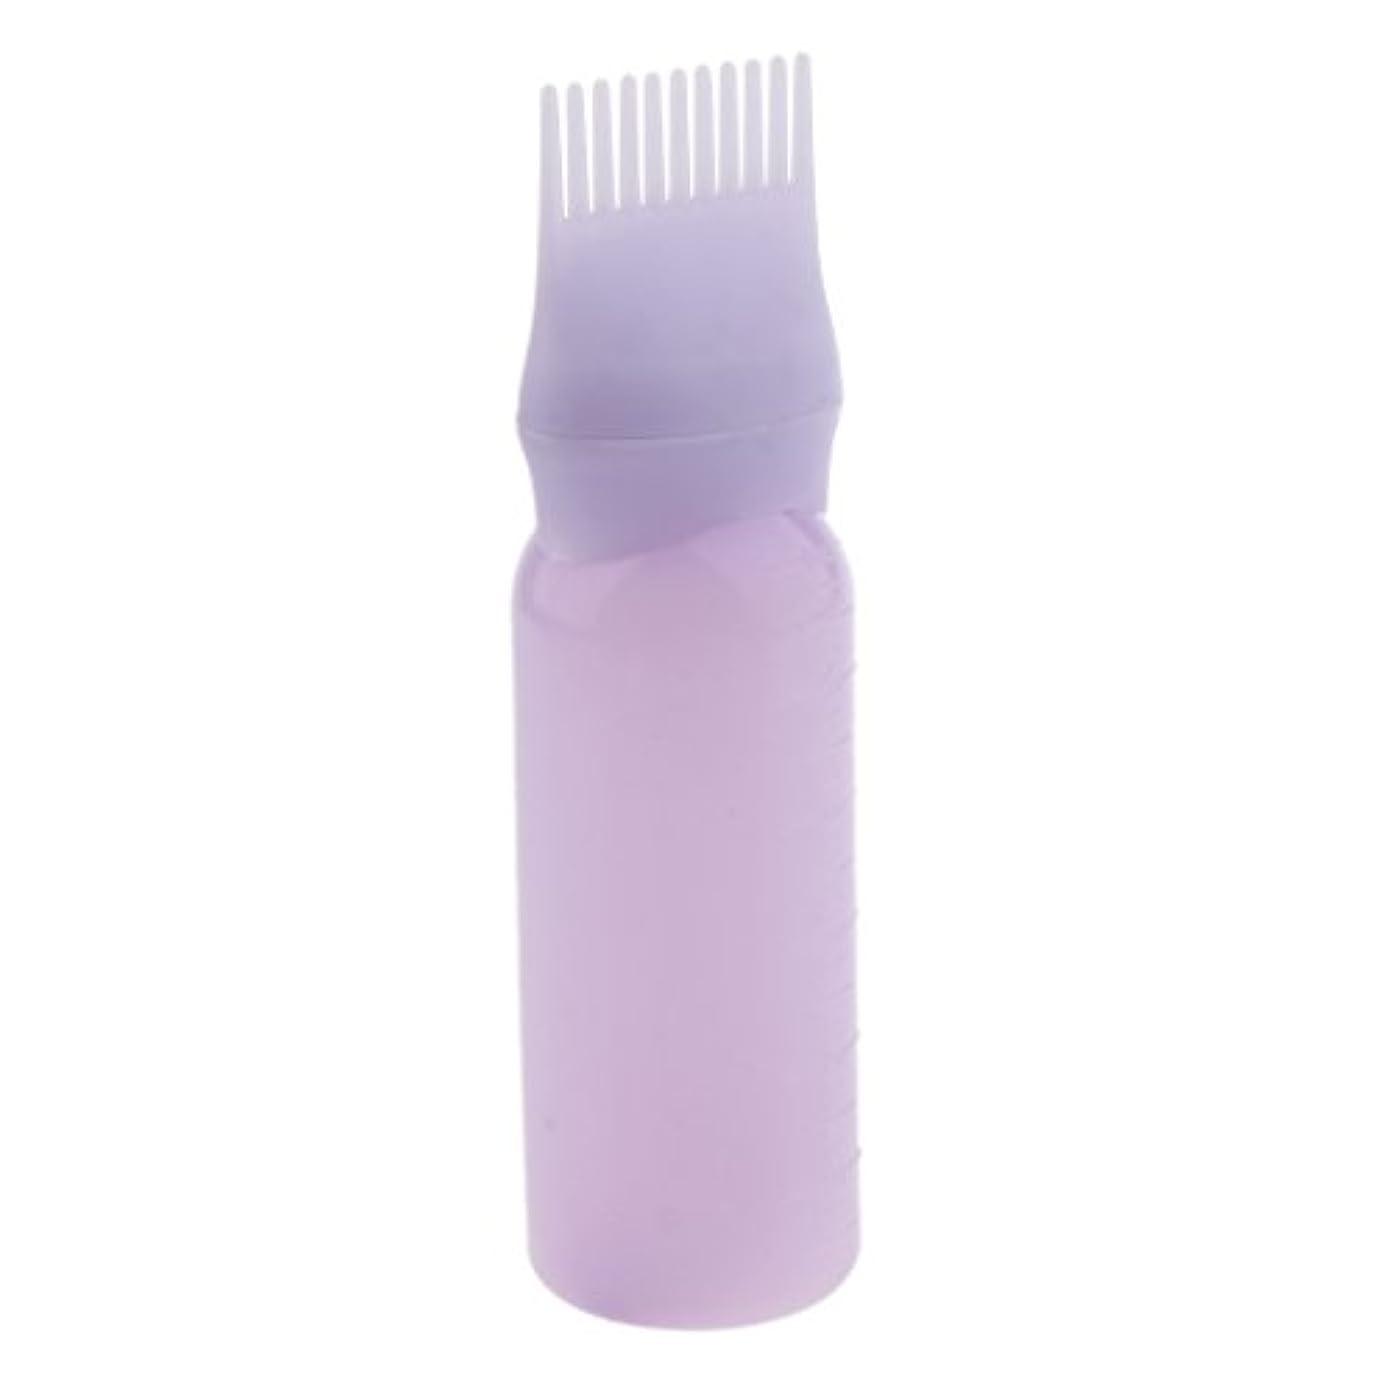 取り消す超える実際にToygogo ヘアカラー ヘアダイ ボトル アプリケーターブラシ 調剤 120ml 2タイプ選べる - 紫